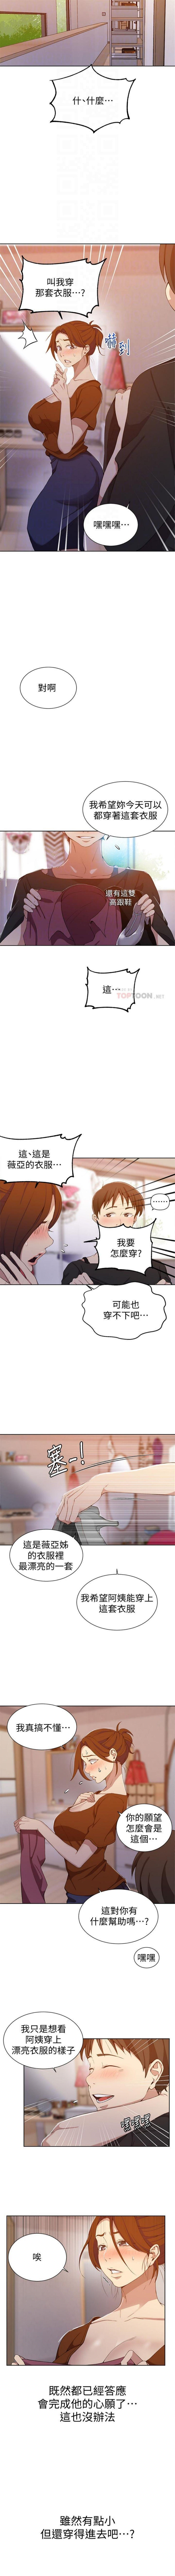 秘密教學  1-50 官方中文(連載中) 280